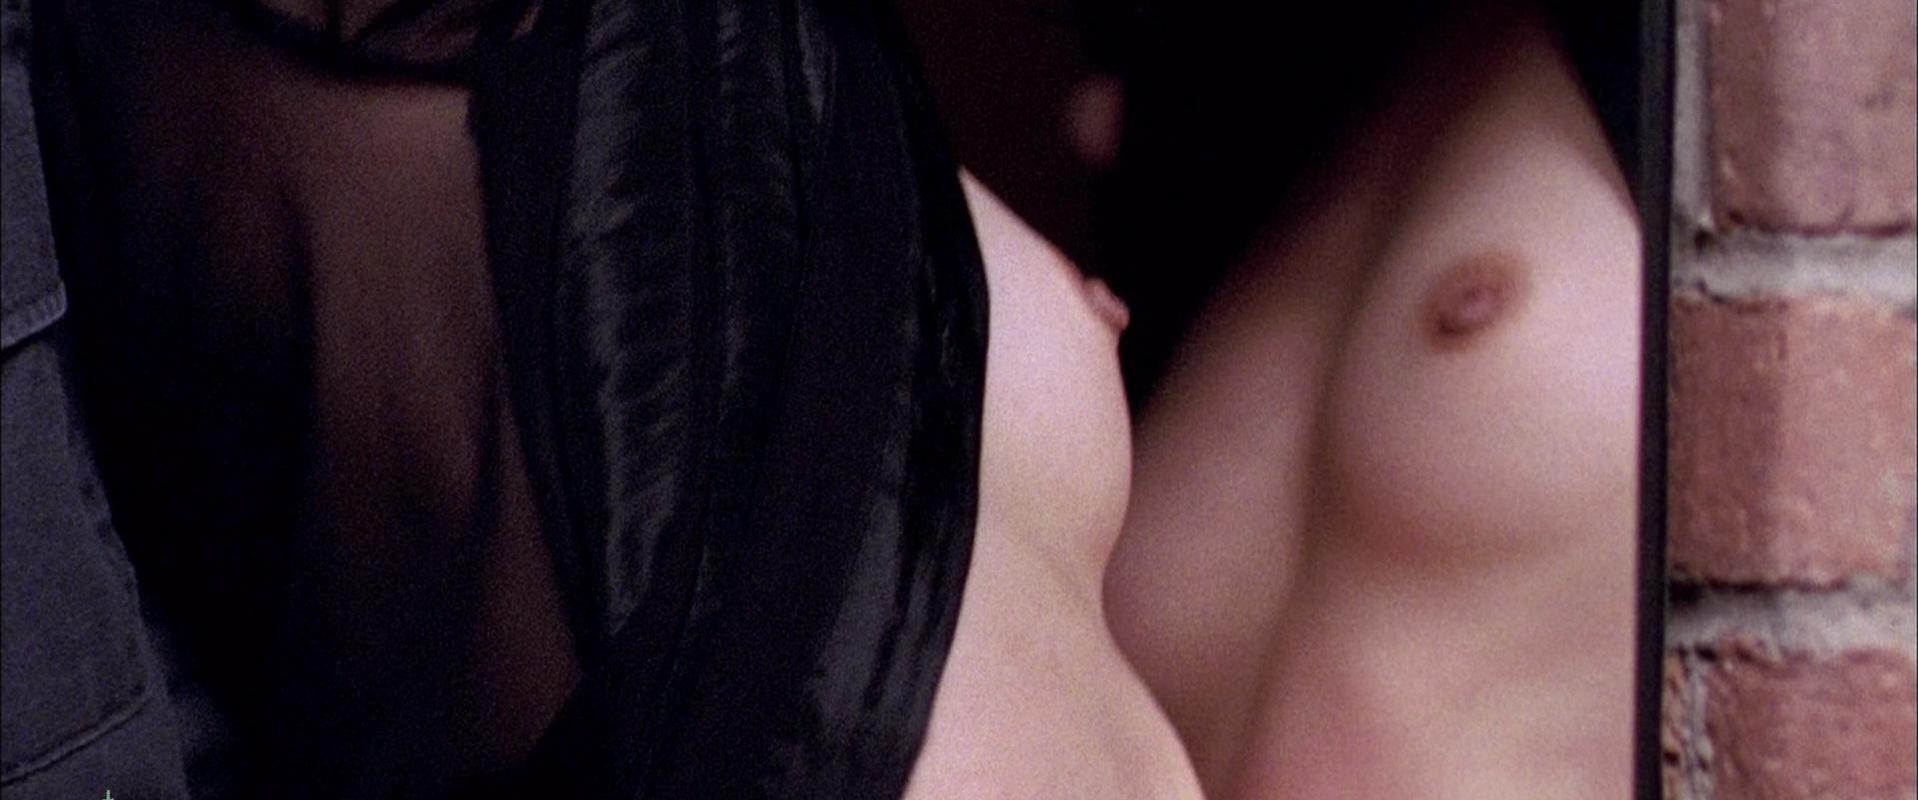 Vanessa Kai nude - Death in Love (2008)